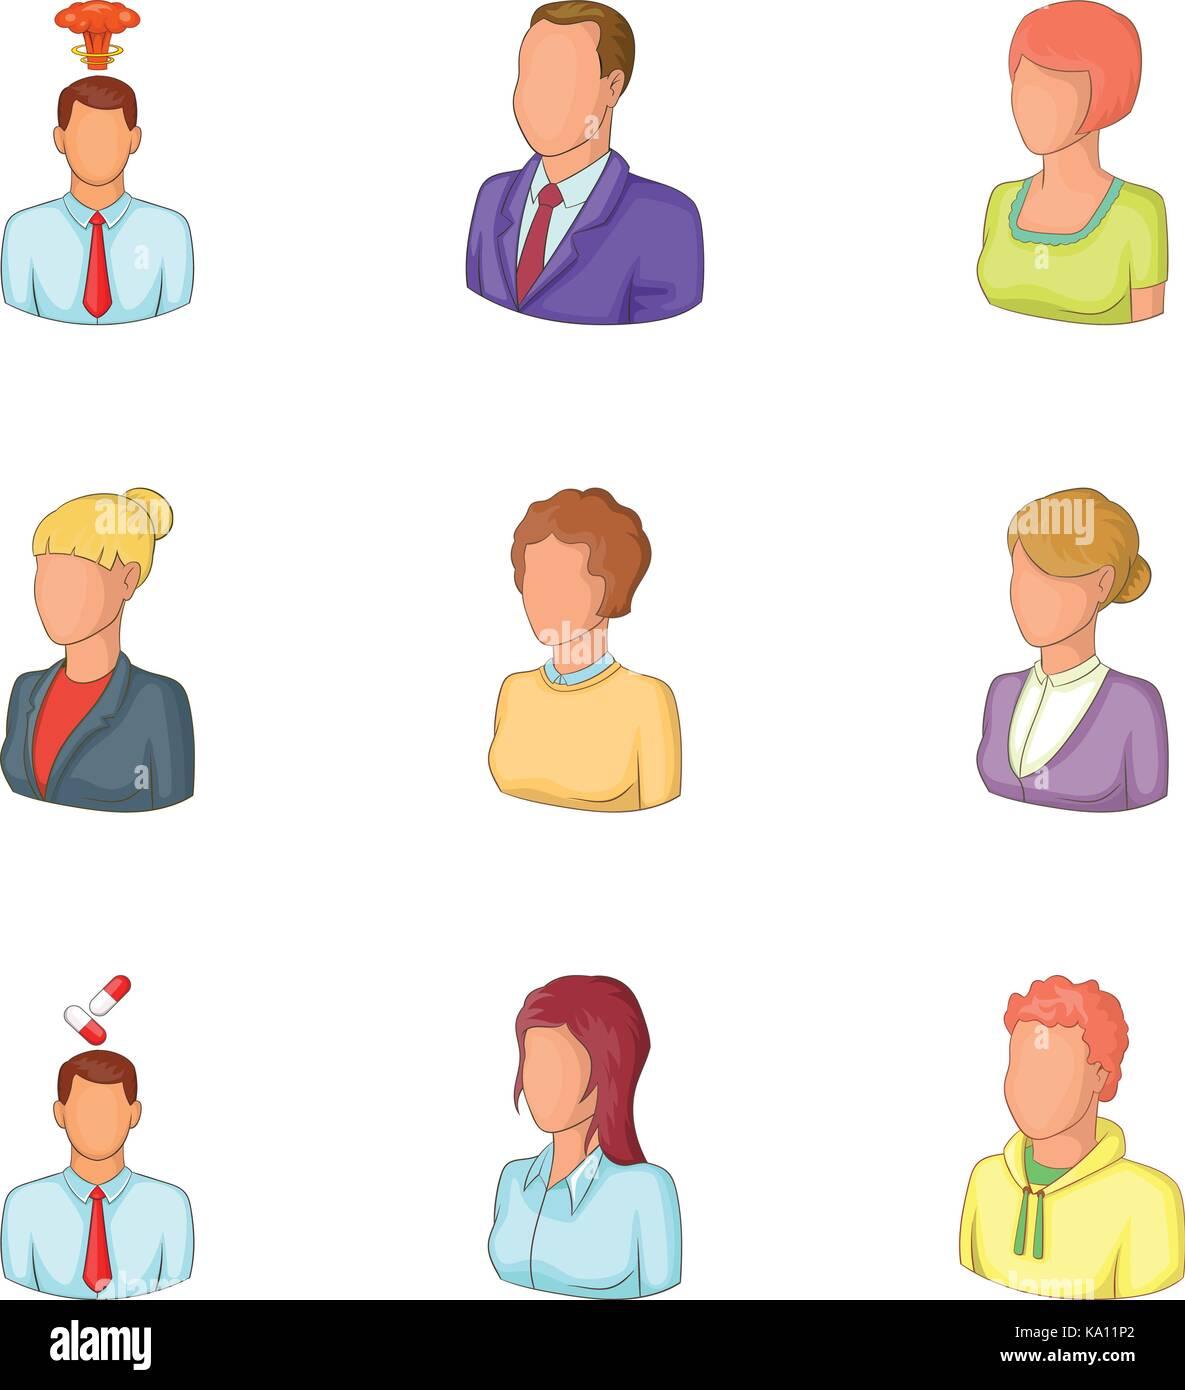 Personage icons set, cartoon style - Stock Image